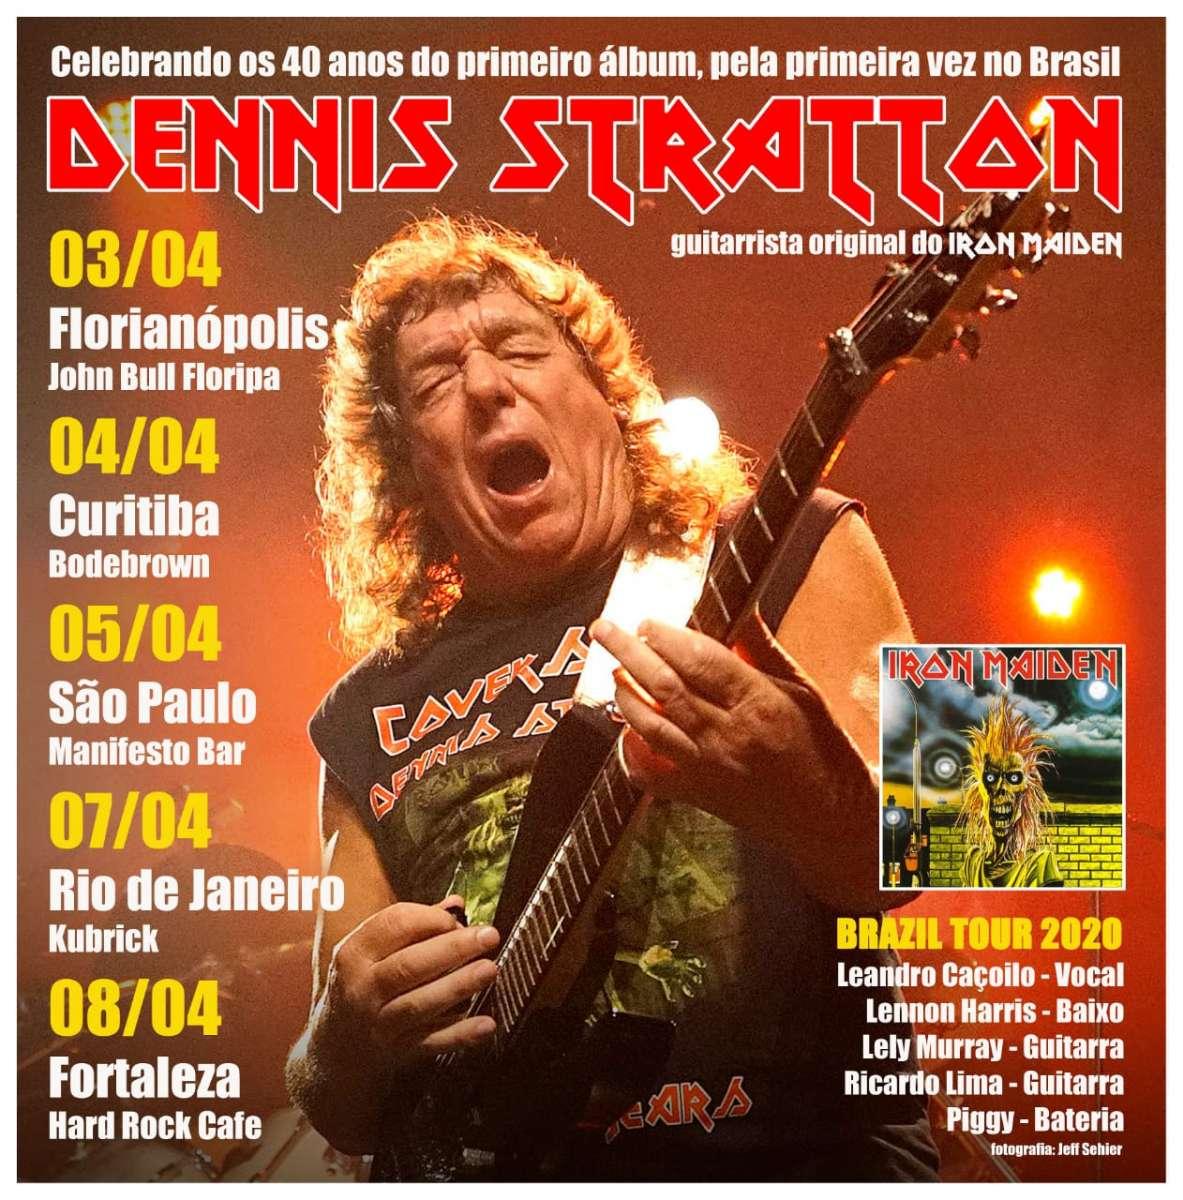 Leandro Caçoilo realizará turnê com Dennis Stratton, ex-Iron Maiden